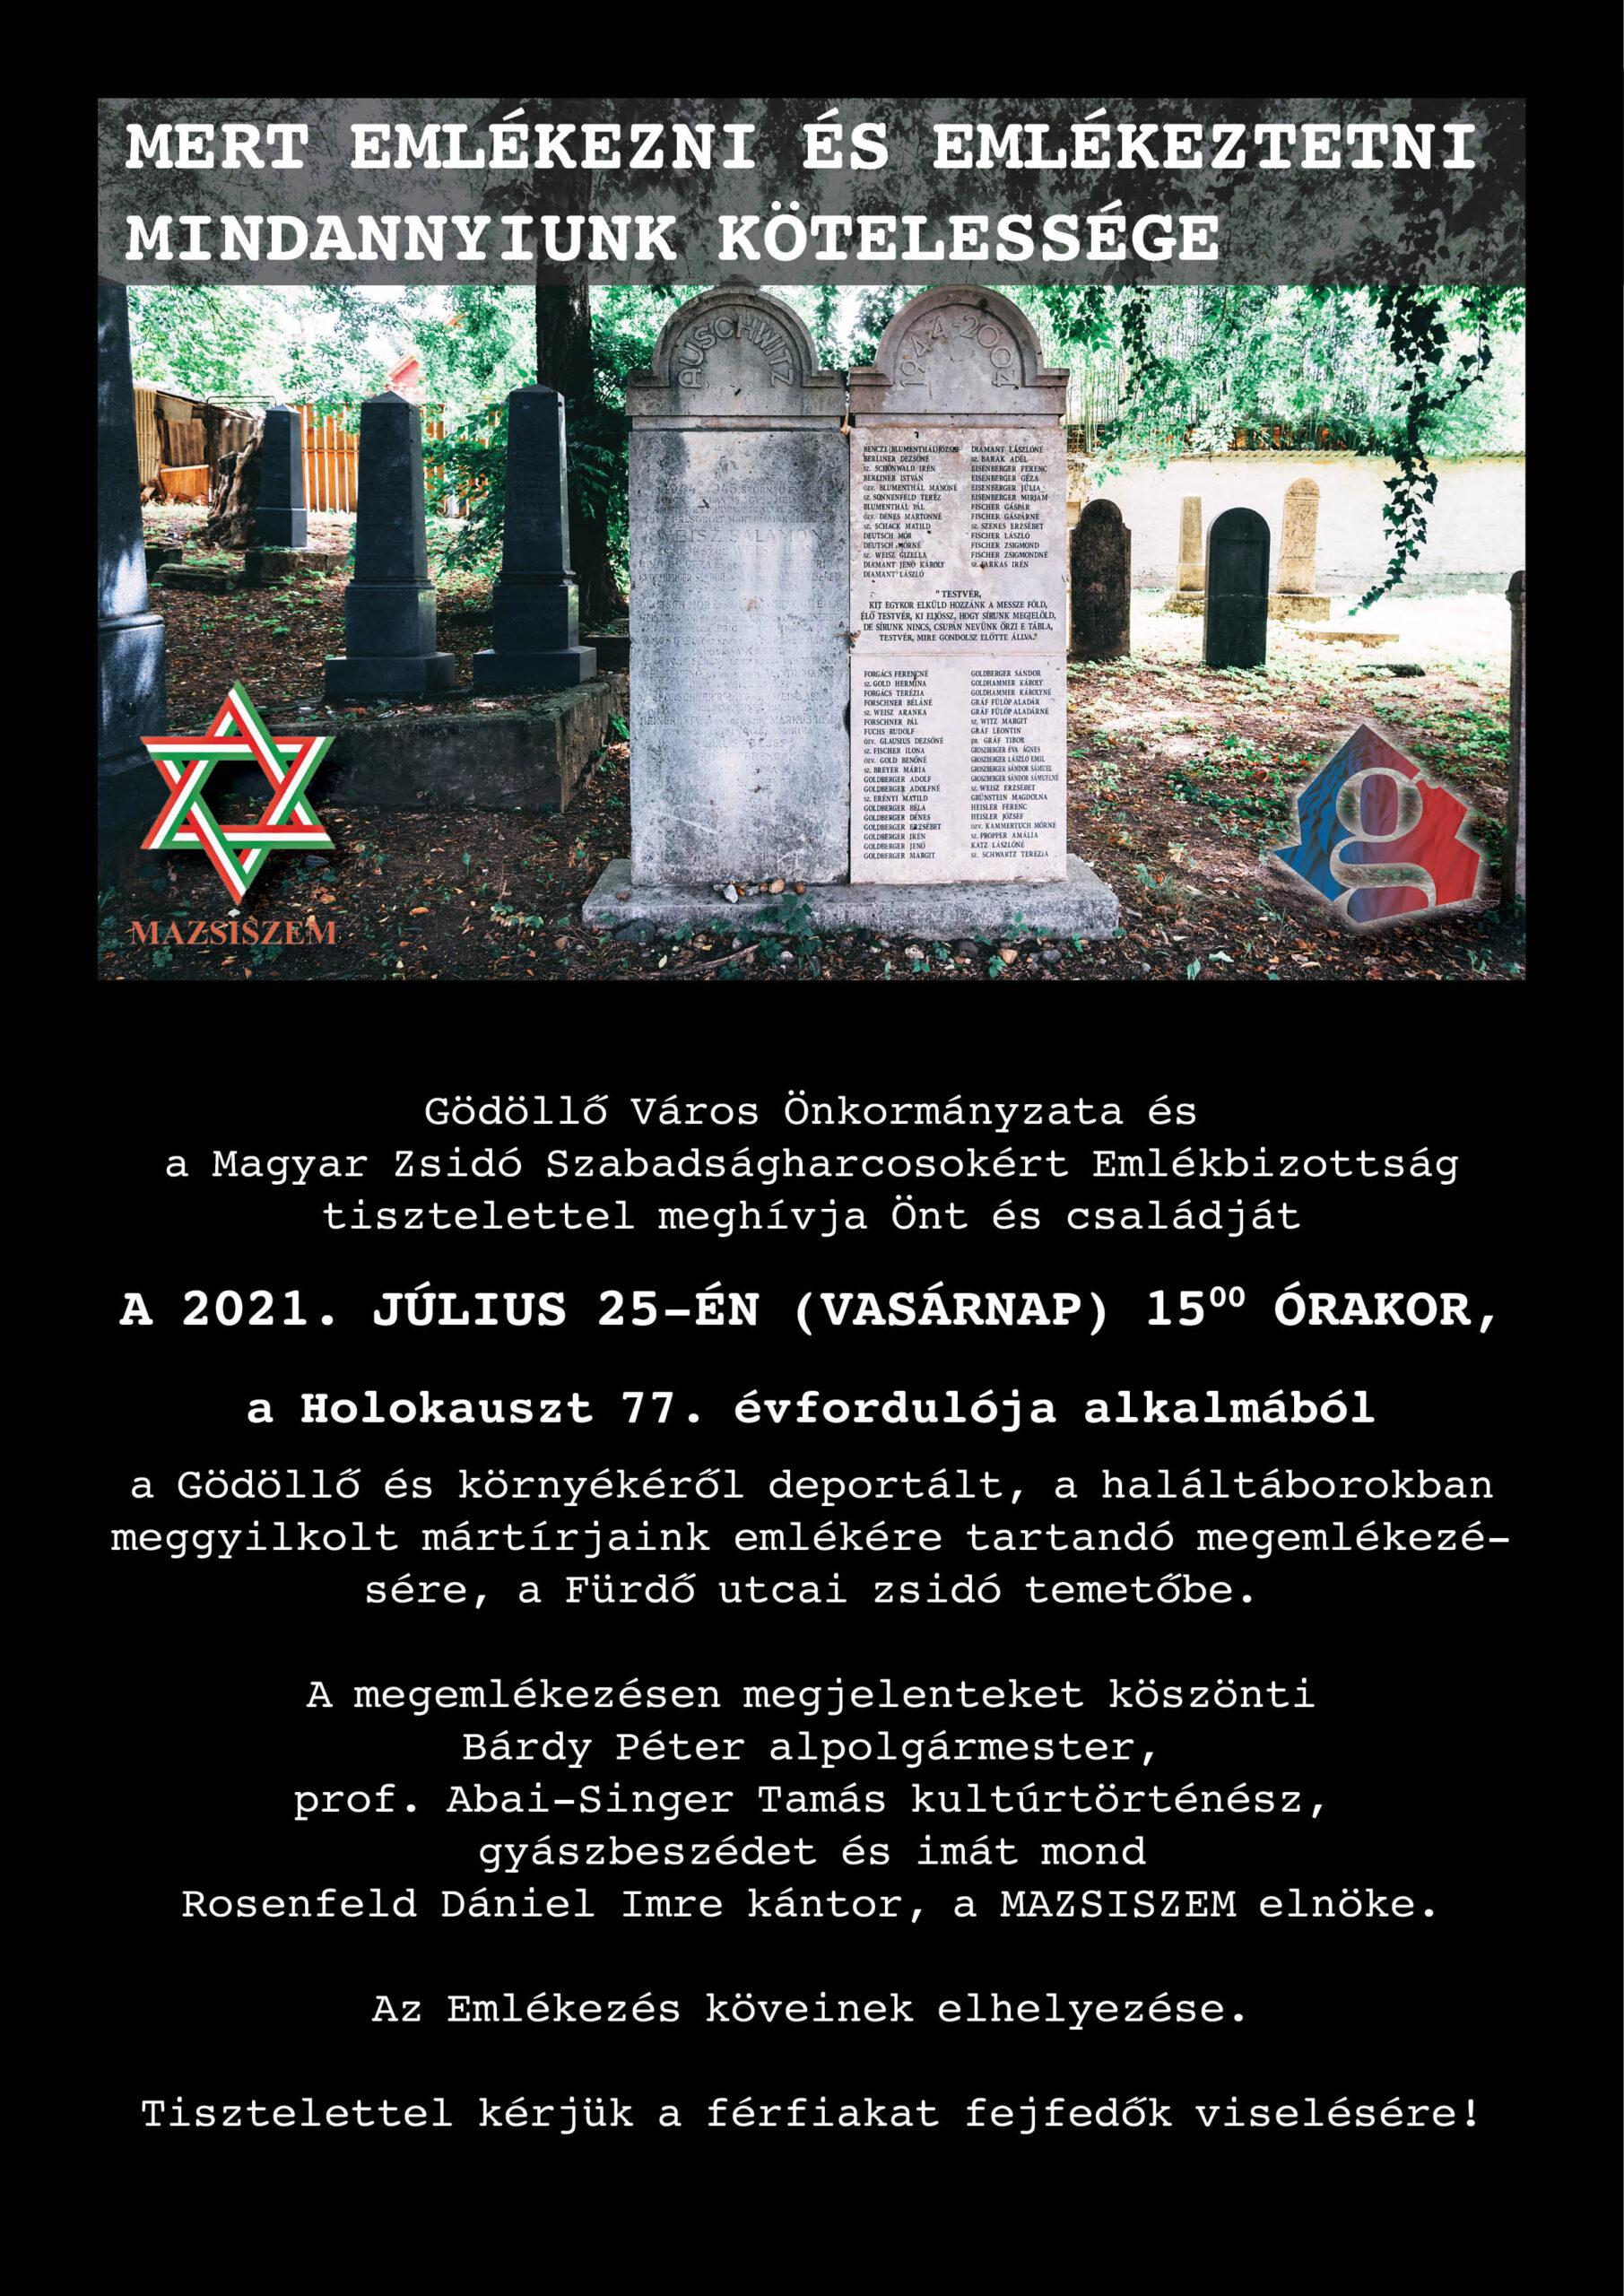 Emlékezés a Gödöllőről és környékéről deportáltakra és a haláltáborokban meggyilkoltakra a Holokauszt 77. évfordulója alkalmából.